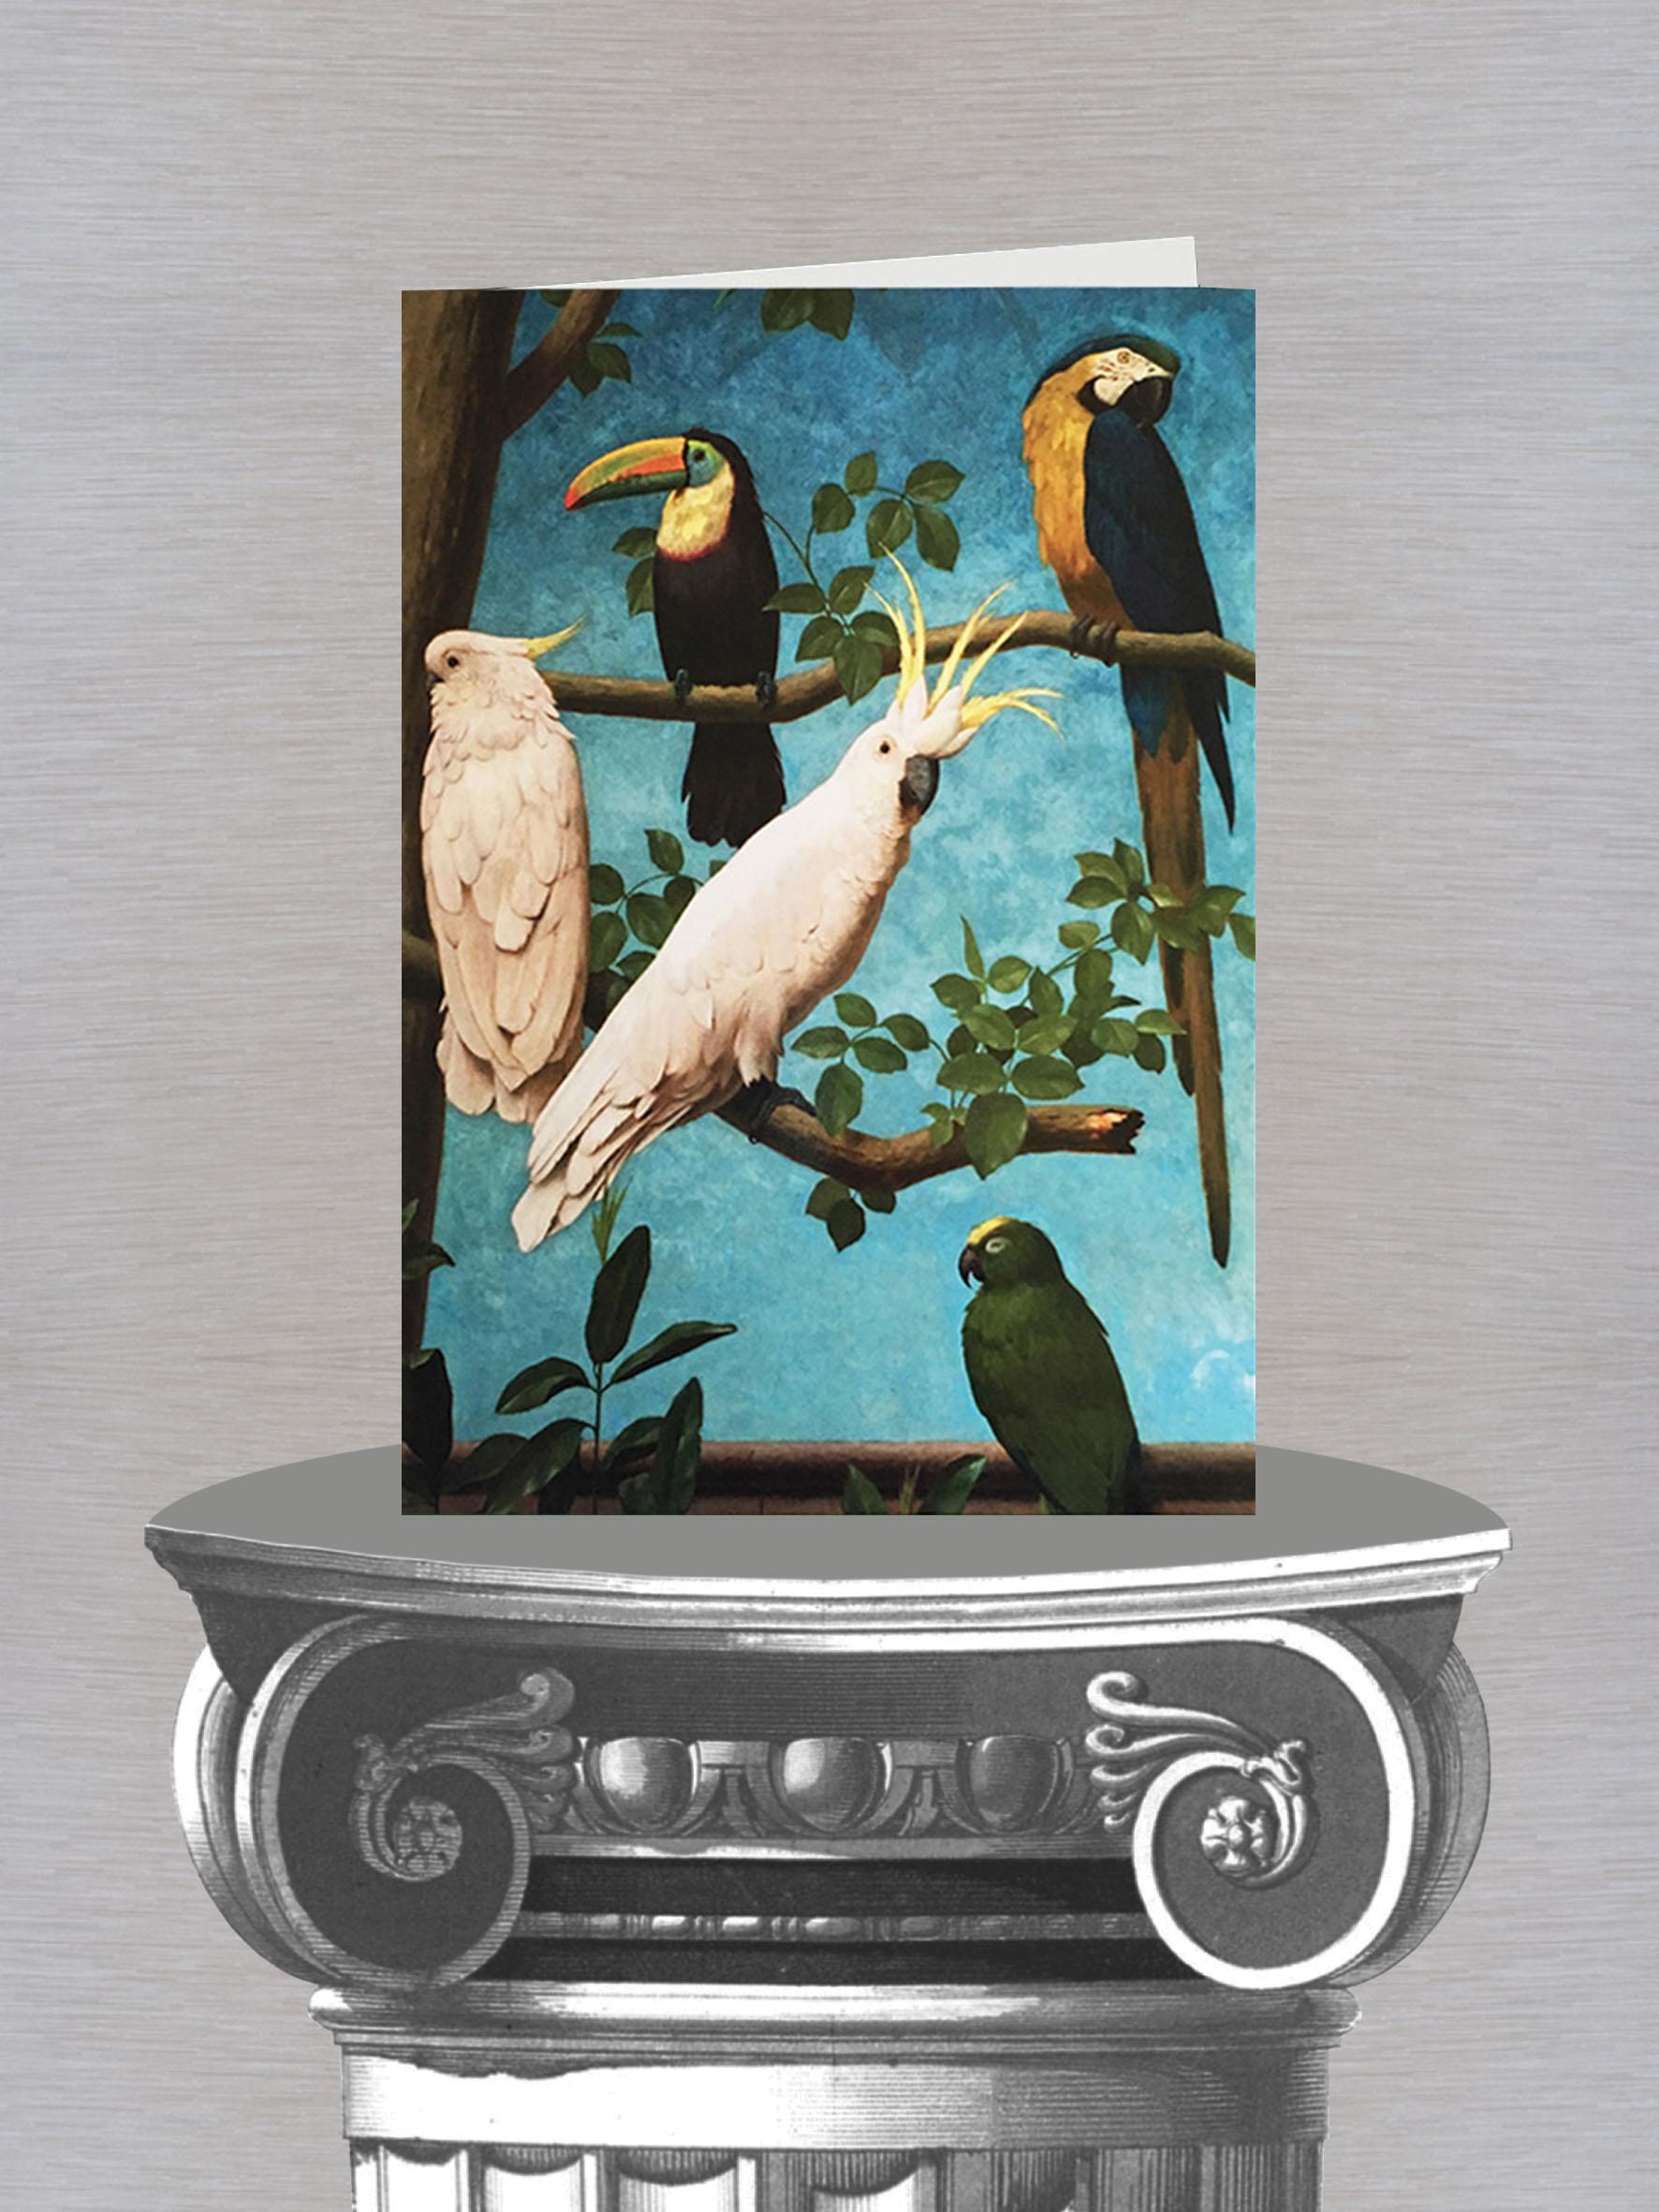 tarjeta y sobre con loros y pajaros.jpg